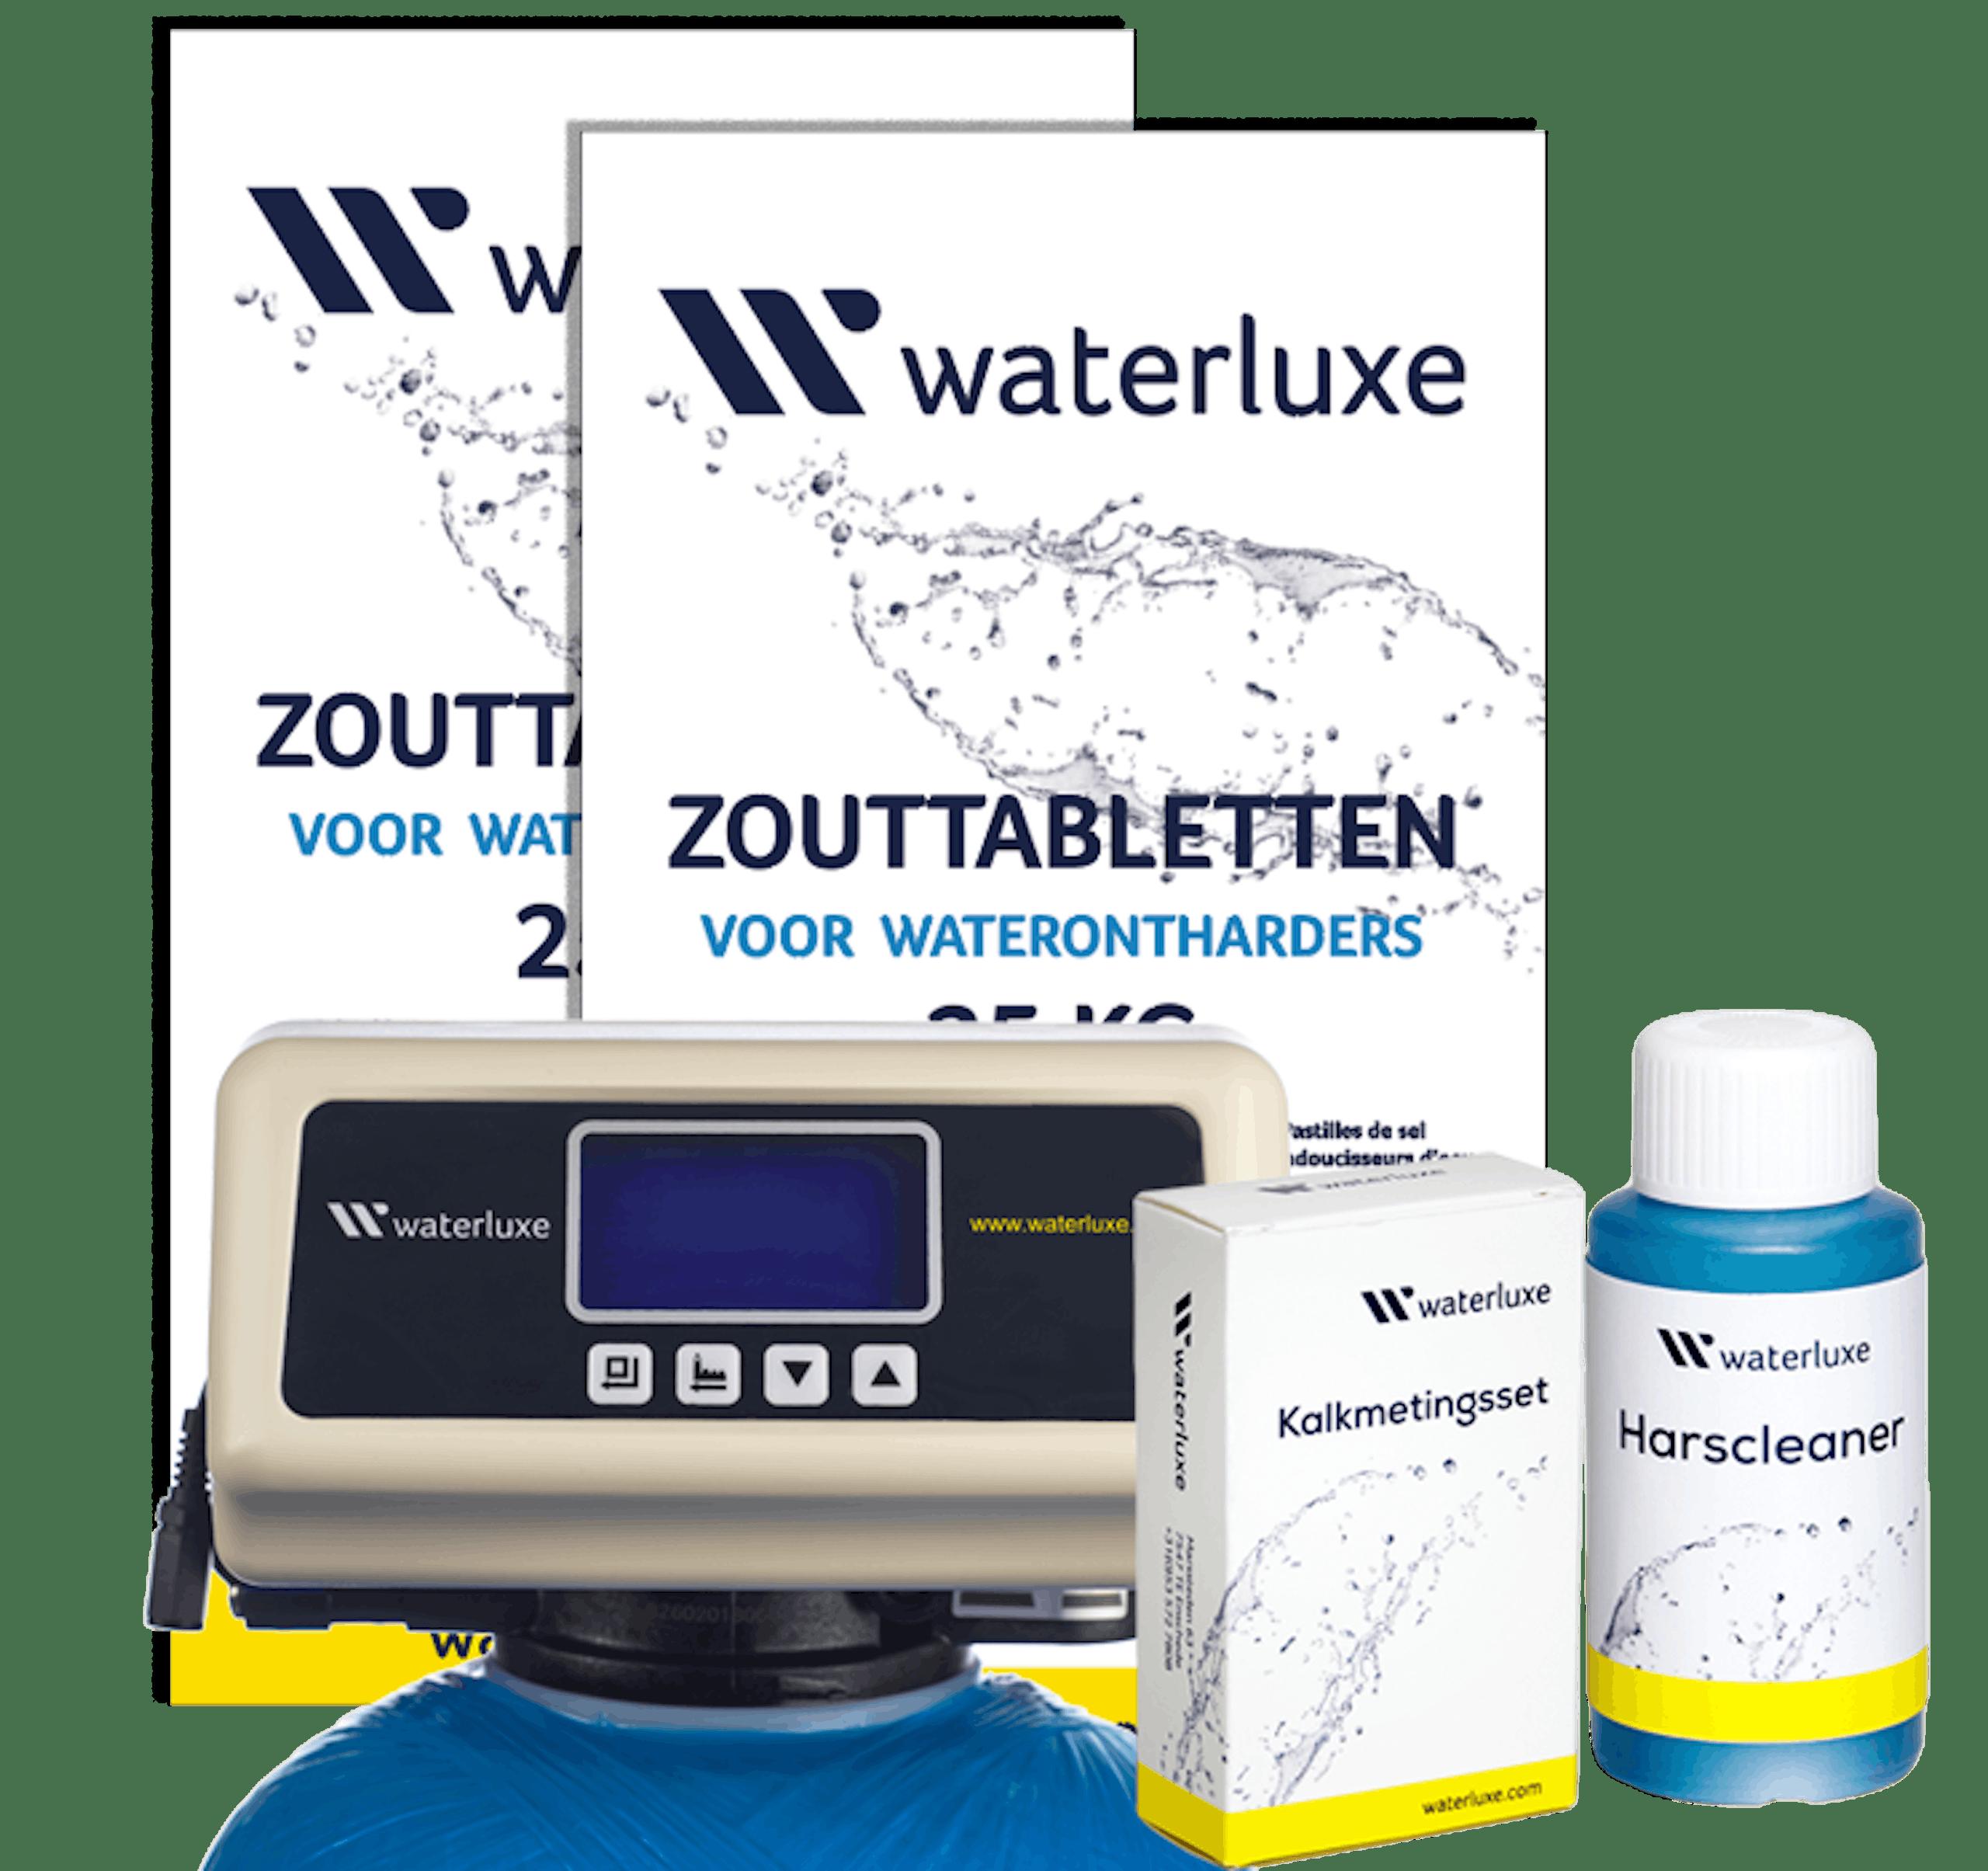 Waterluxe Besturingsupdate